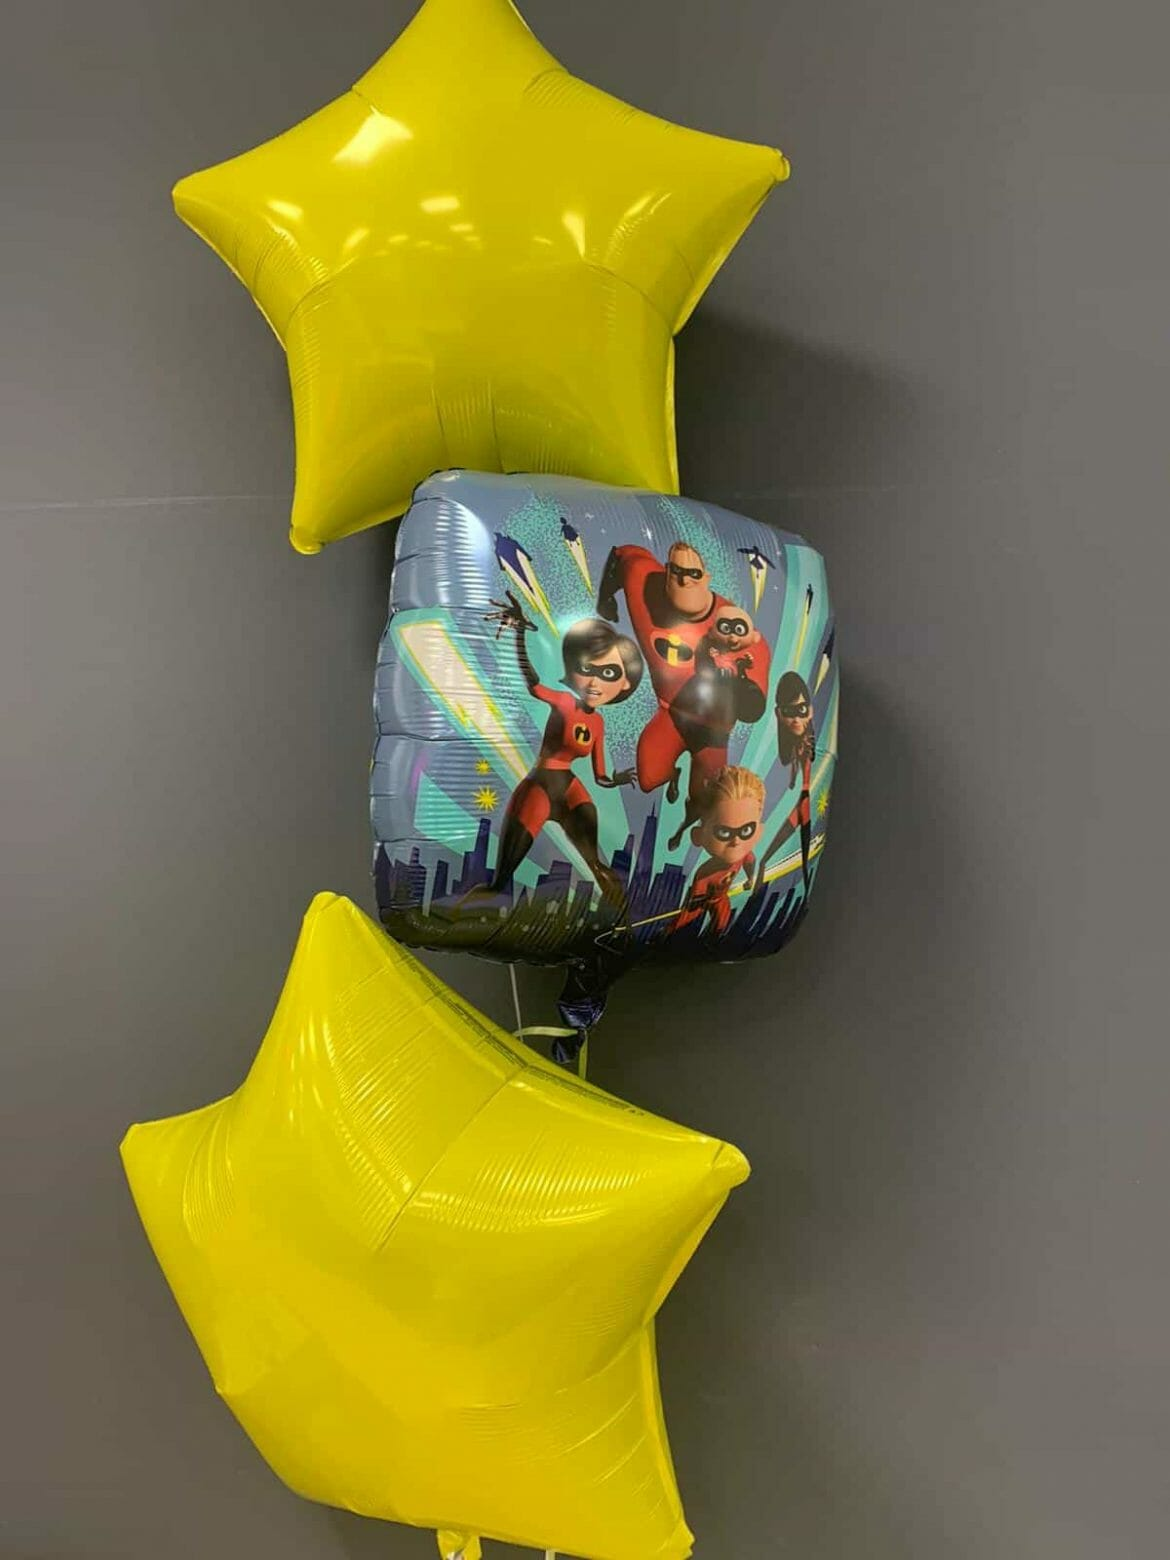 The Incredibles Ballon € 5,90 <br />Dekoballons je € 4,50 1